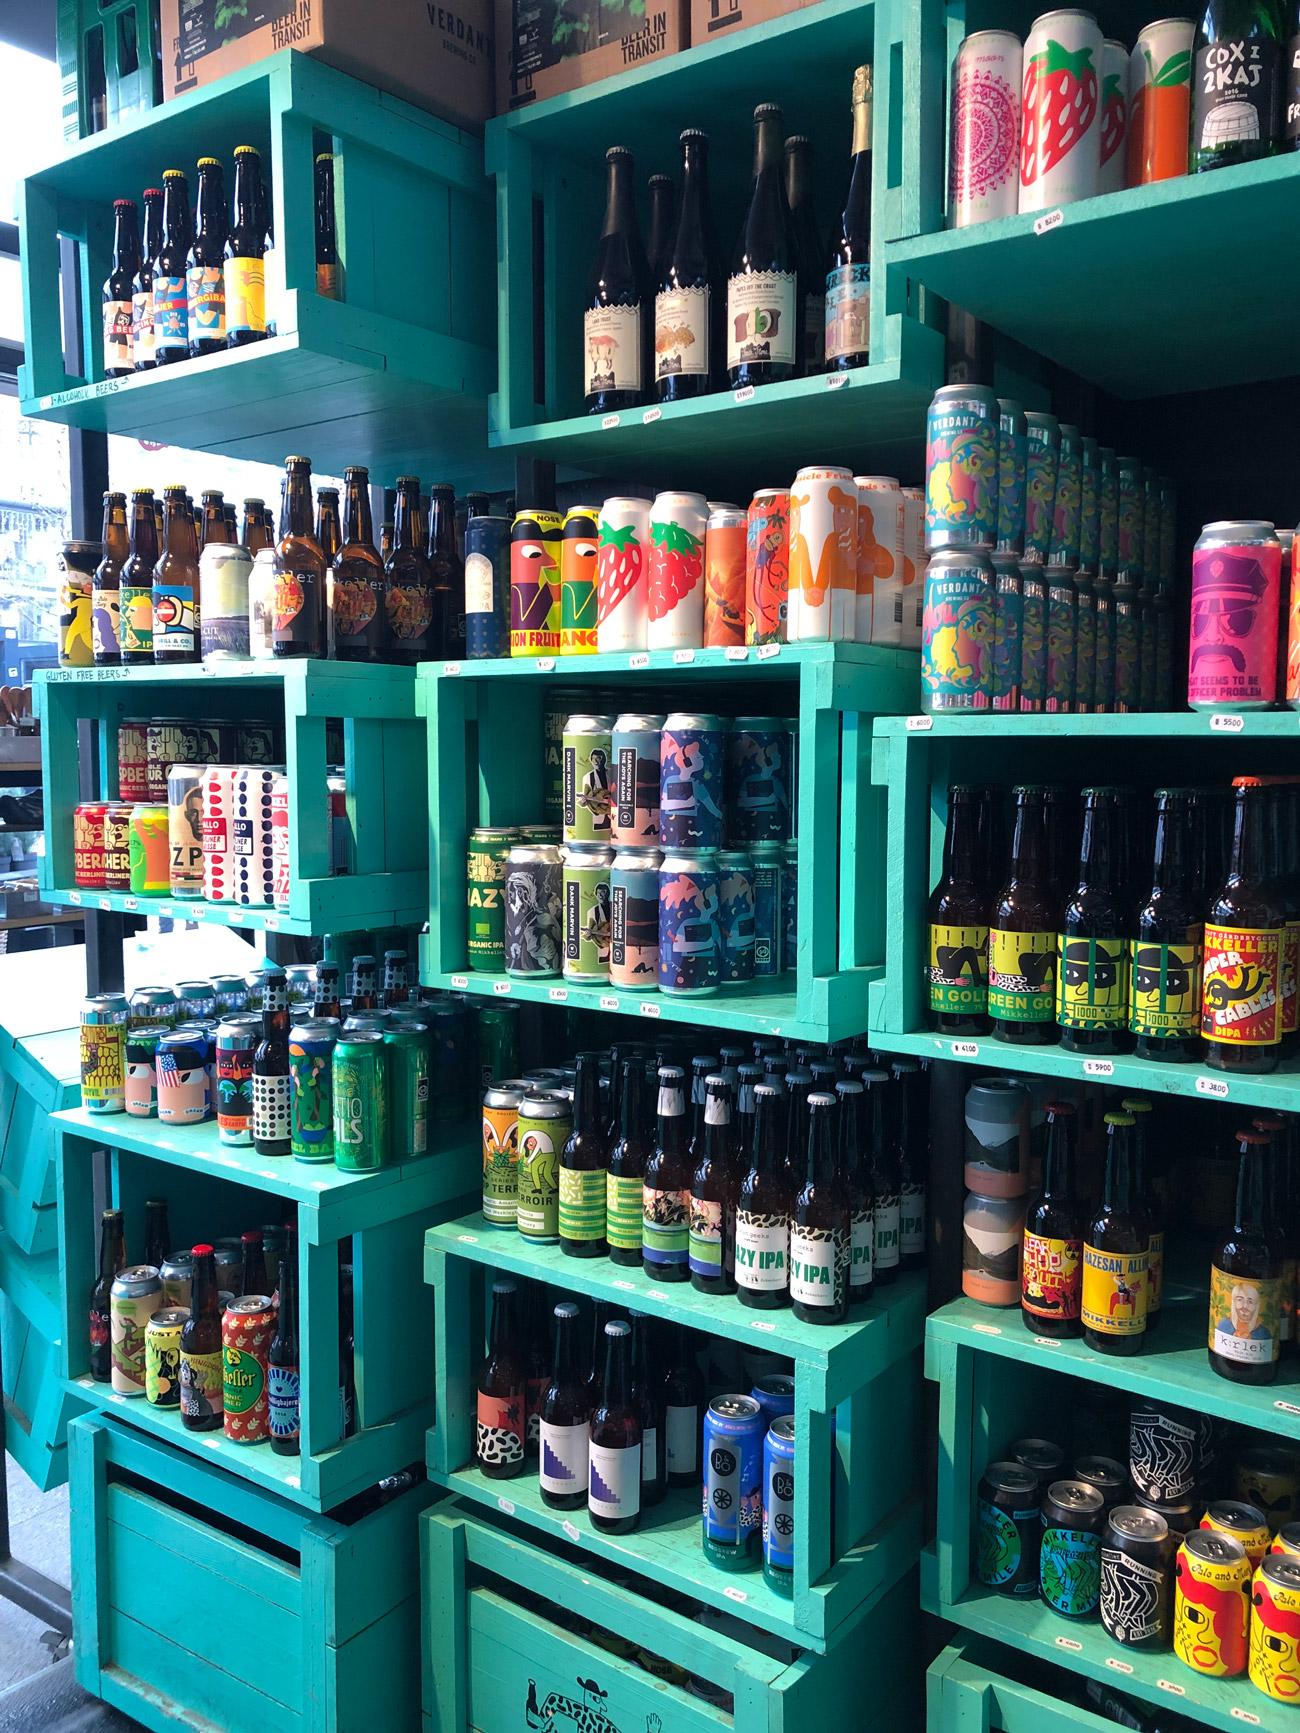 Mikkeller_Bottle_Shop_02.jpg